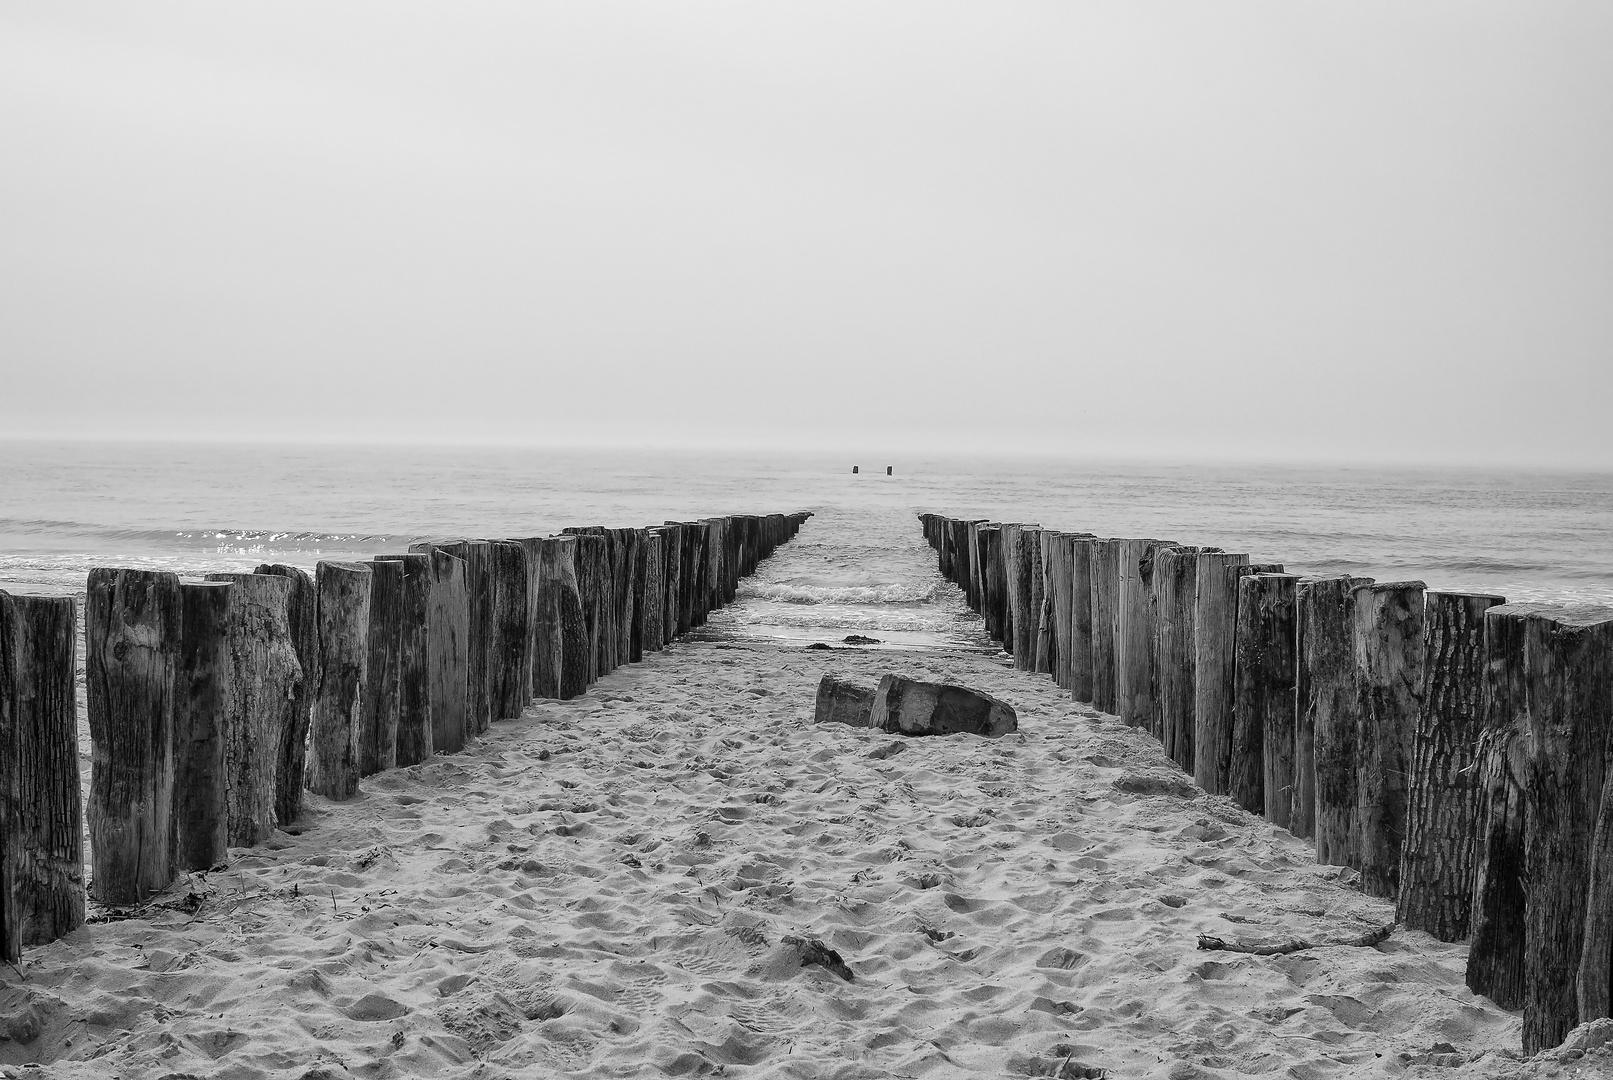 Strand von Zoutelande